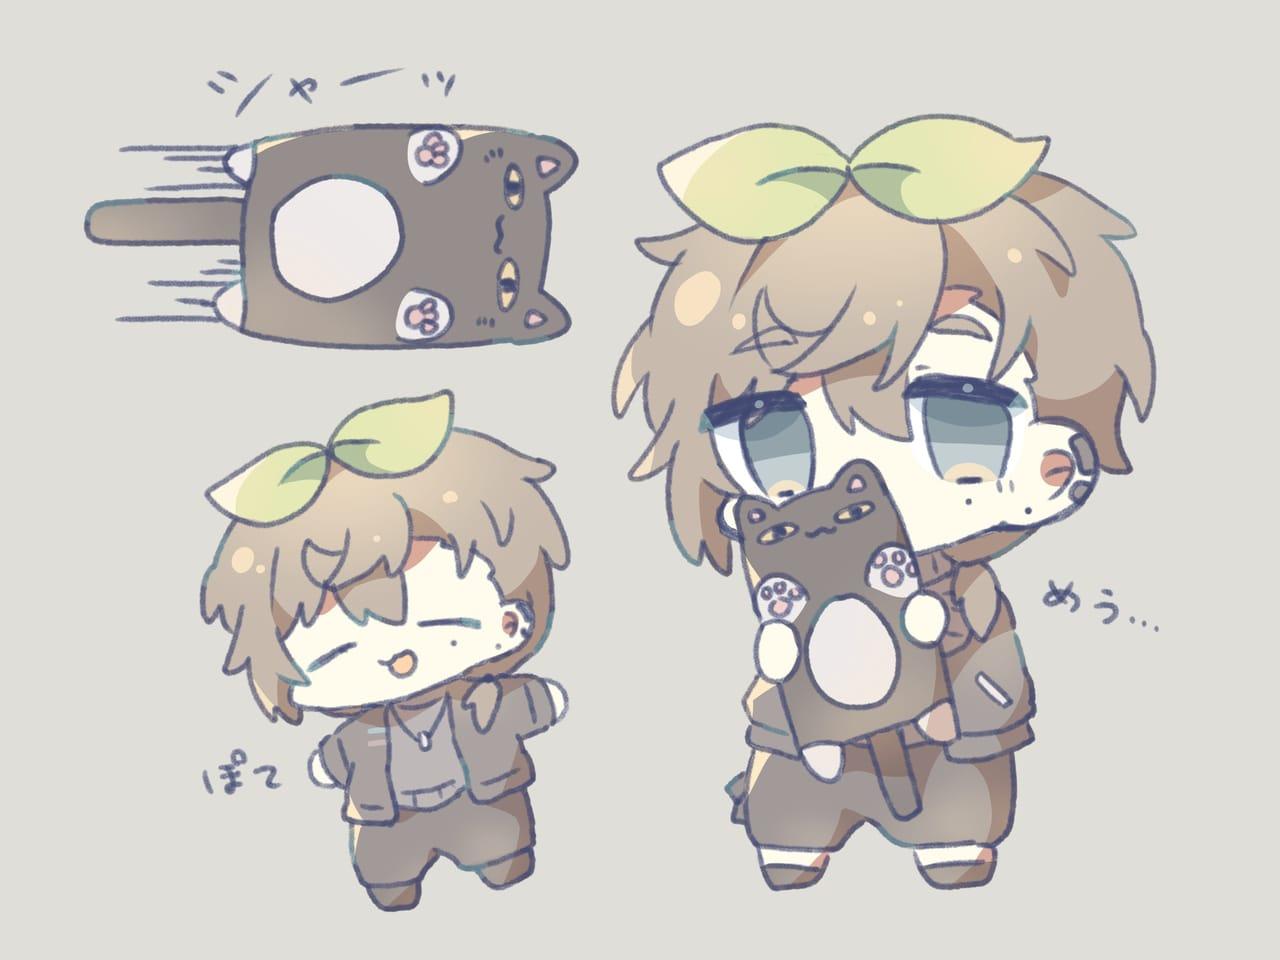 か苗 Illust of 葛 virtual_YouTuber デフォルメ にじさんじ chibi 叶